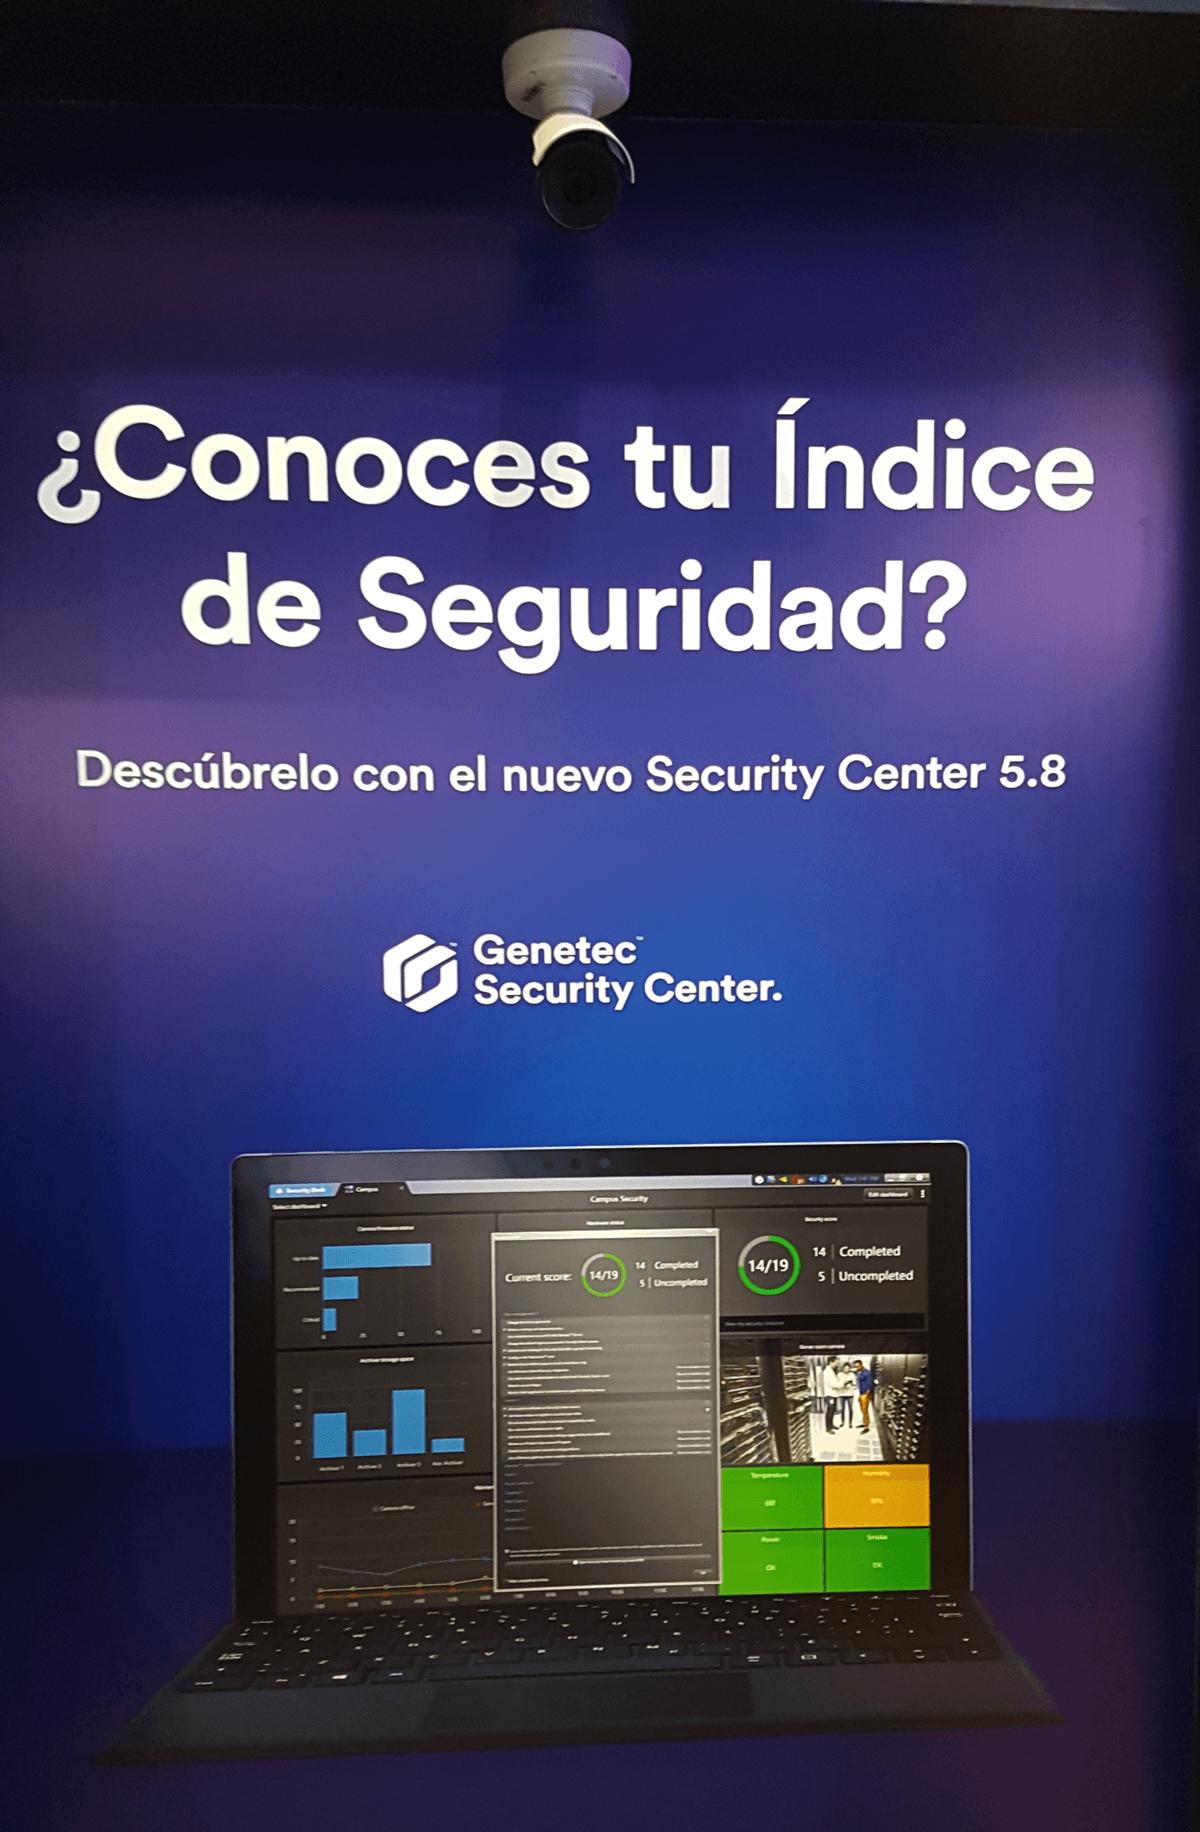 Genetec Expo Seguridad Mexico 2 2